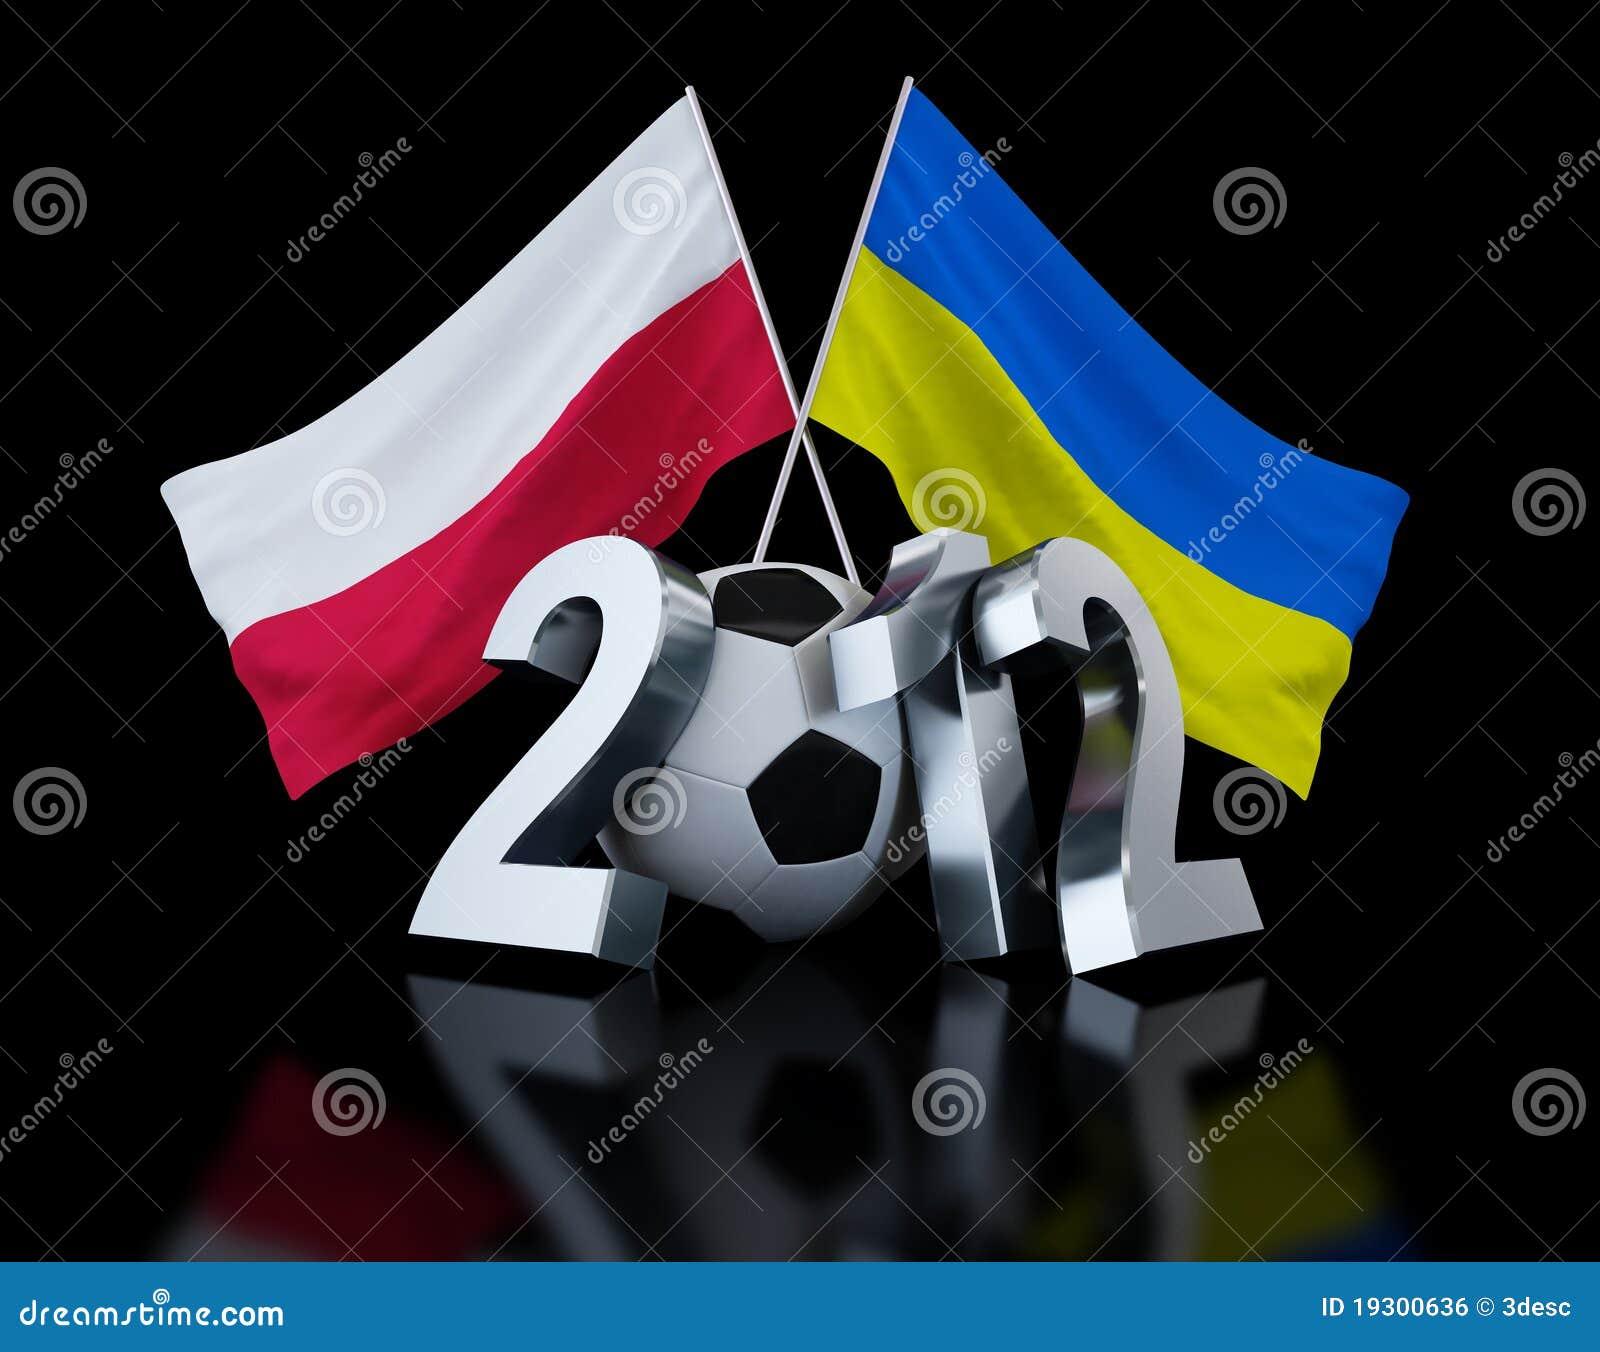 Польша украина футбол 2012 е1 евро